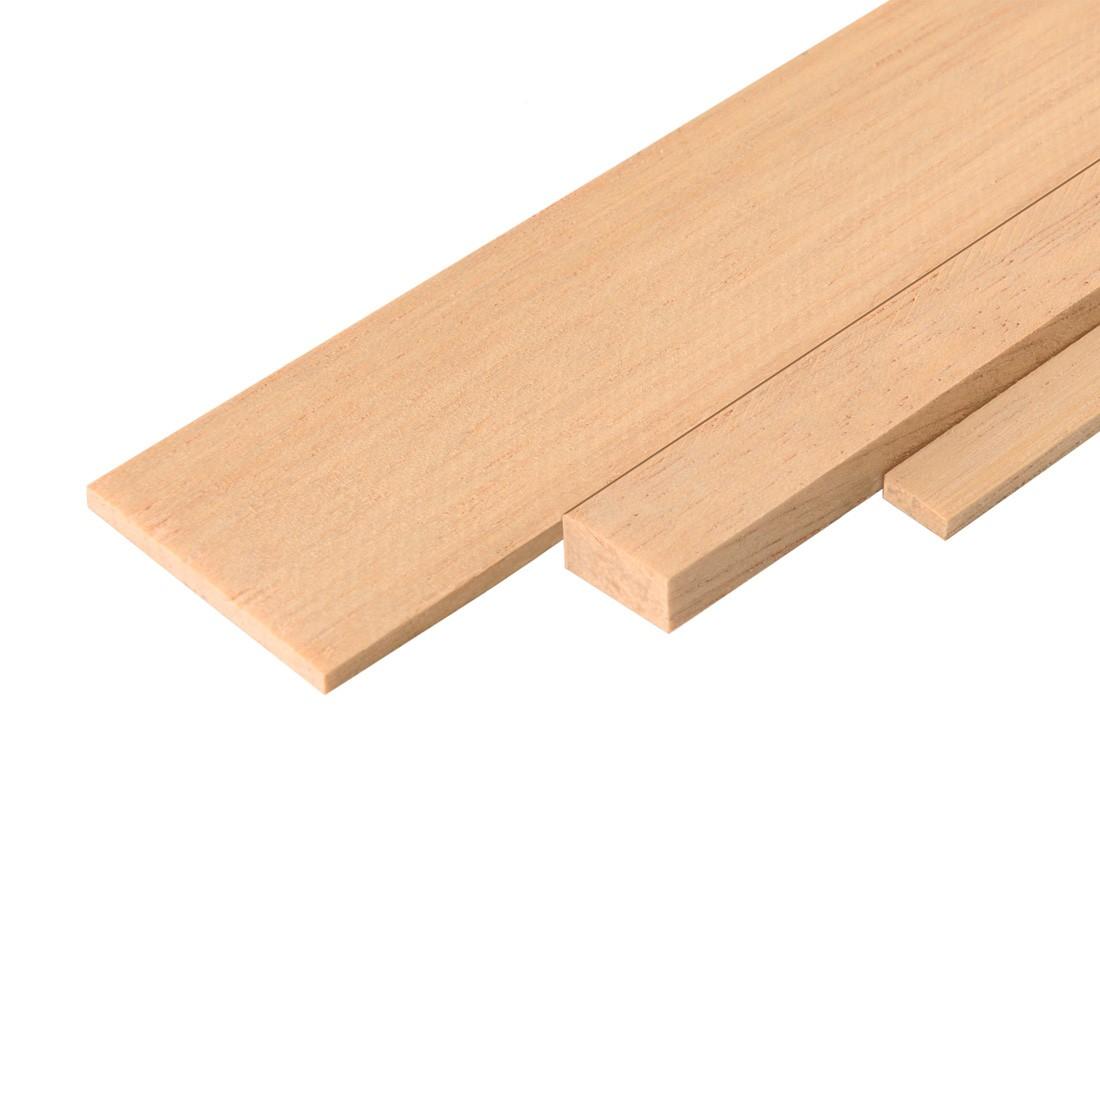 Tira de madera ramin mm.1x3